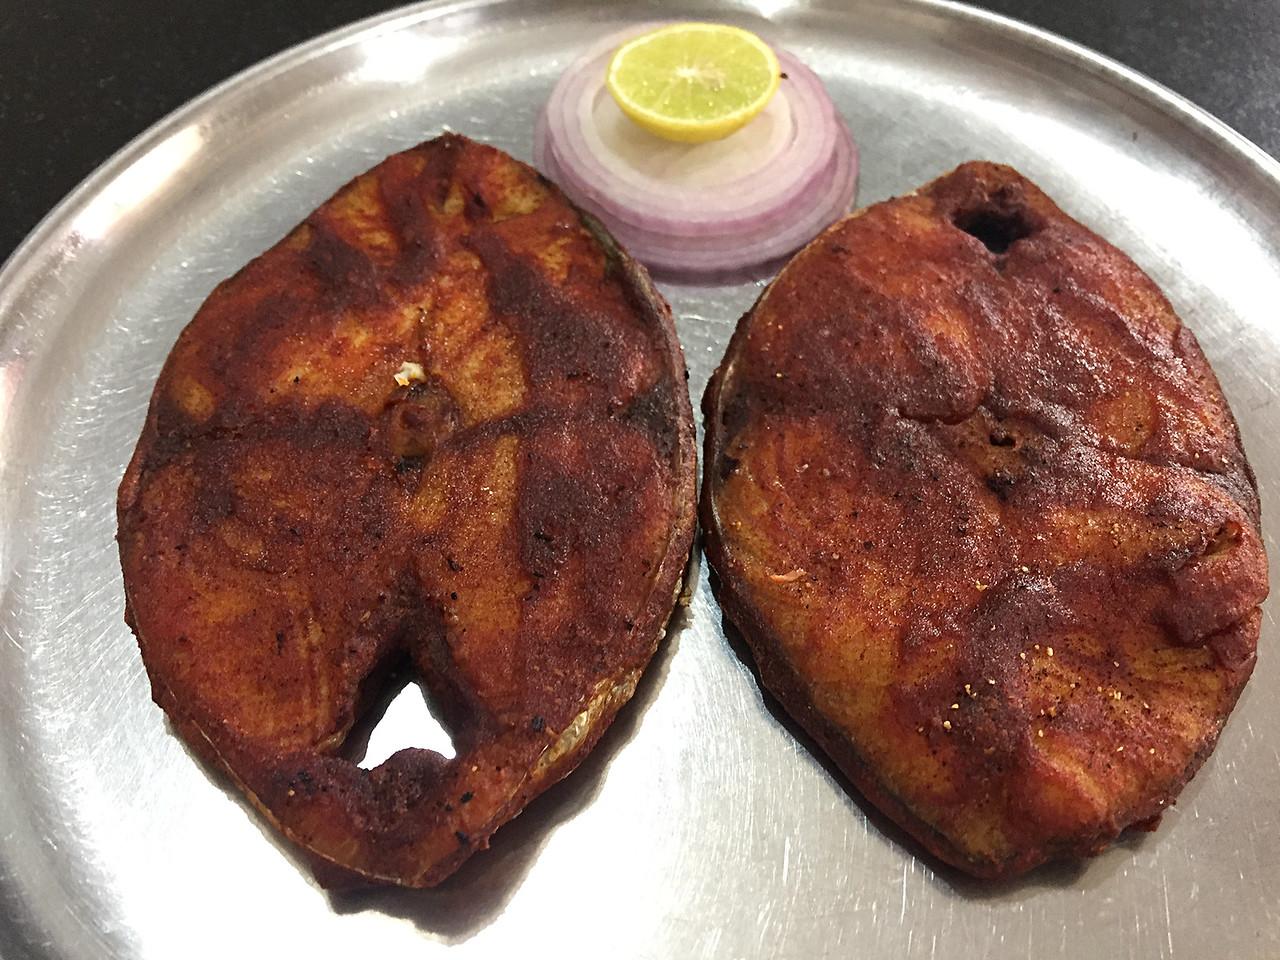 Fried kingfish at Hotel Sea View in Karwar, Karnataka, India